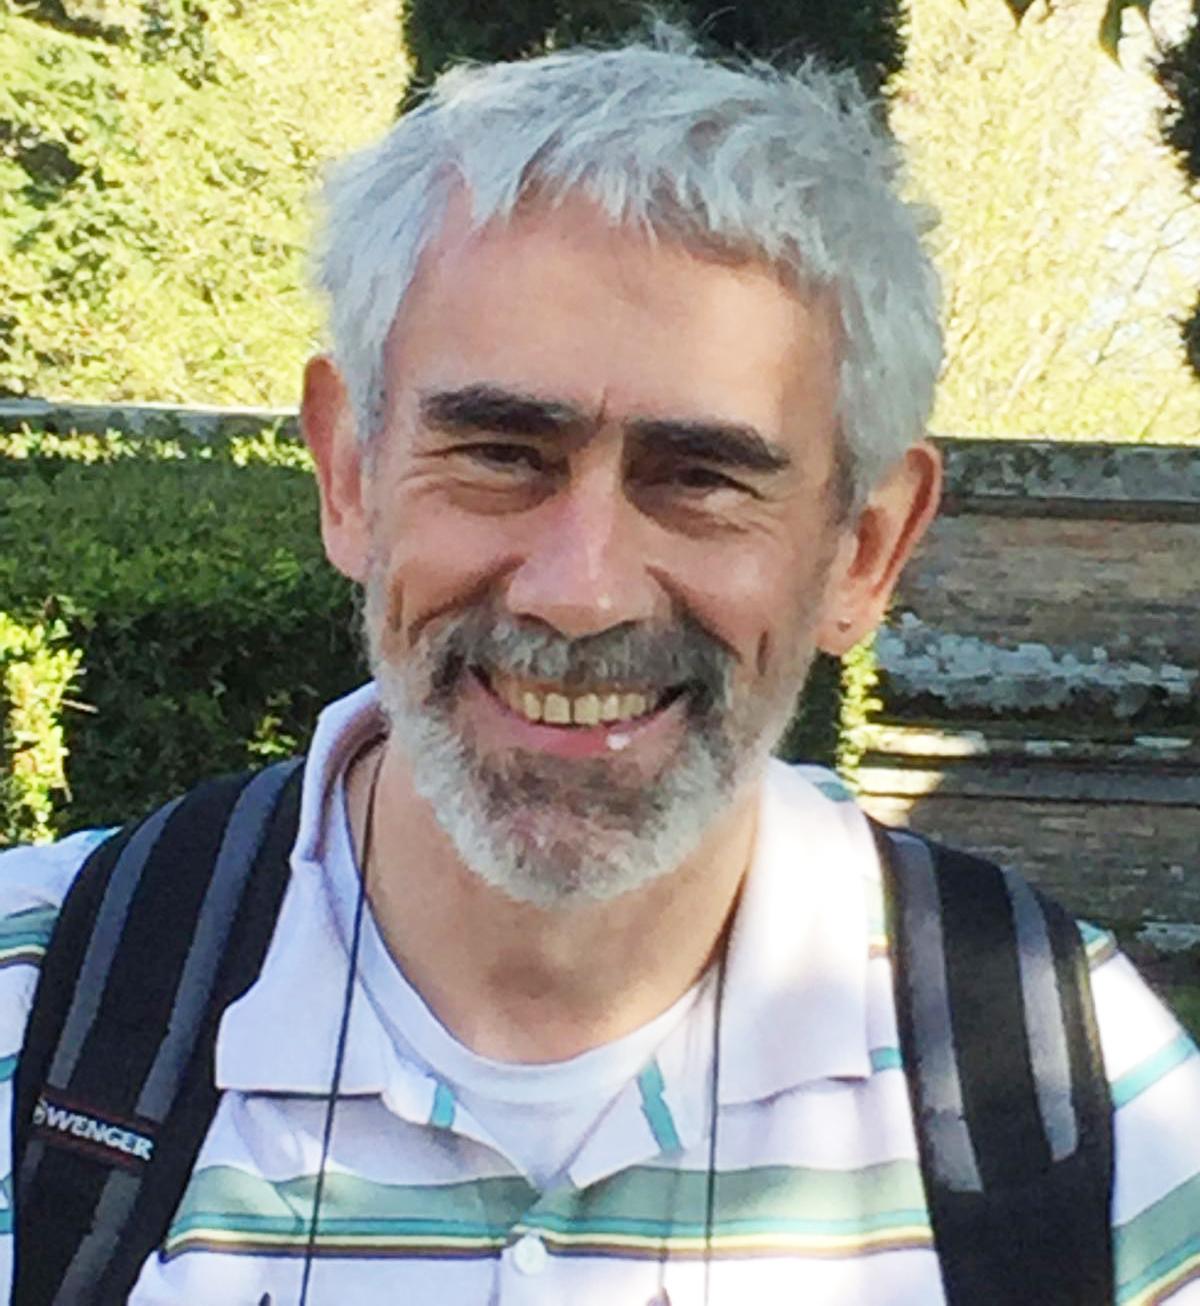 Daniele Checchi